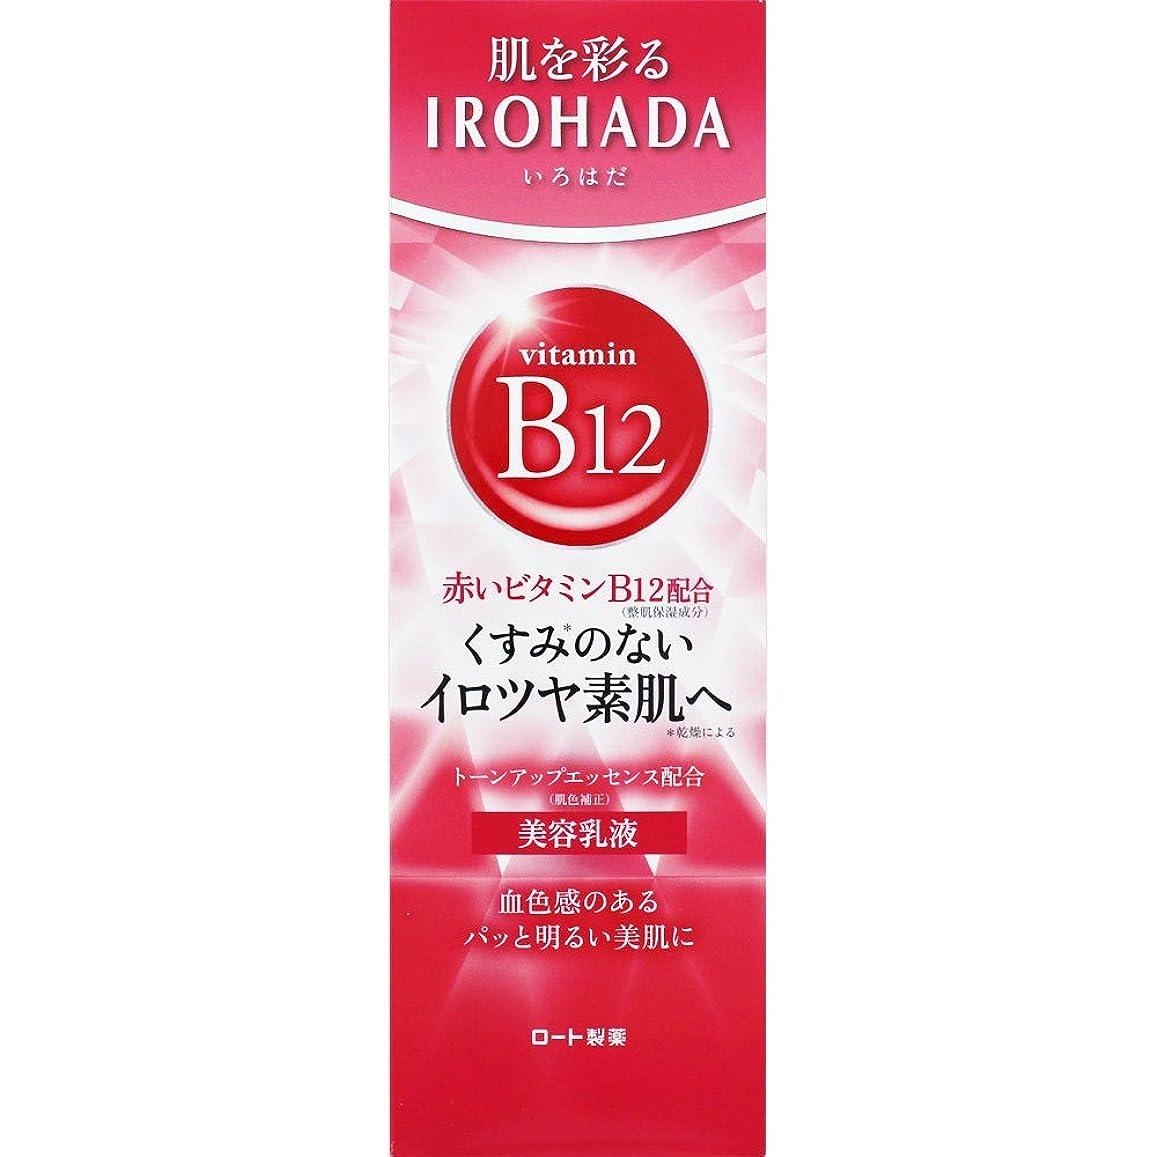 除外する供給虫ロート製薬 いろはだ (IROHADA) 赤いビタミンB12×スクワラン配合 美容乳液 110g